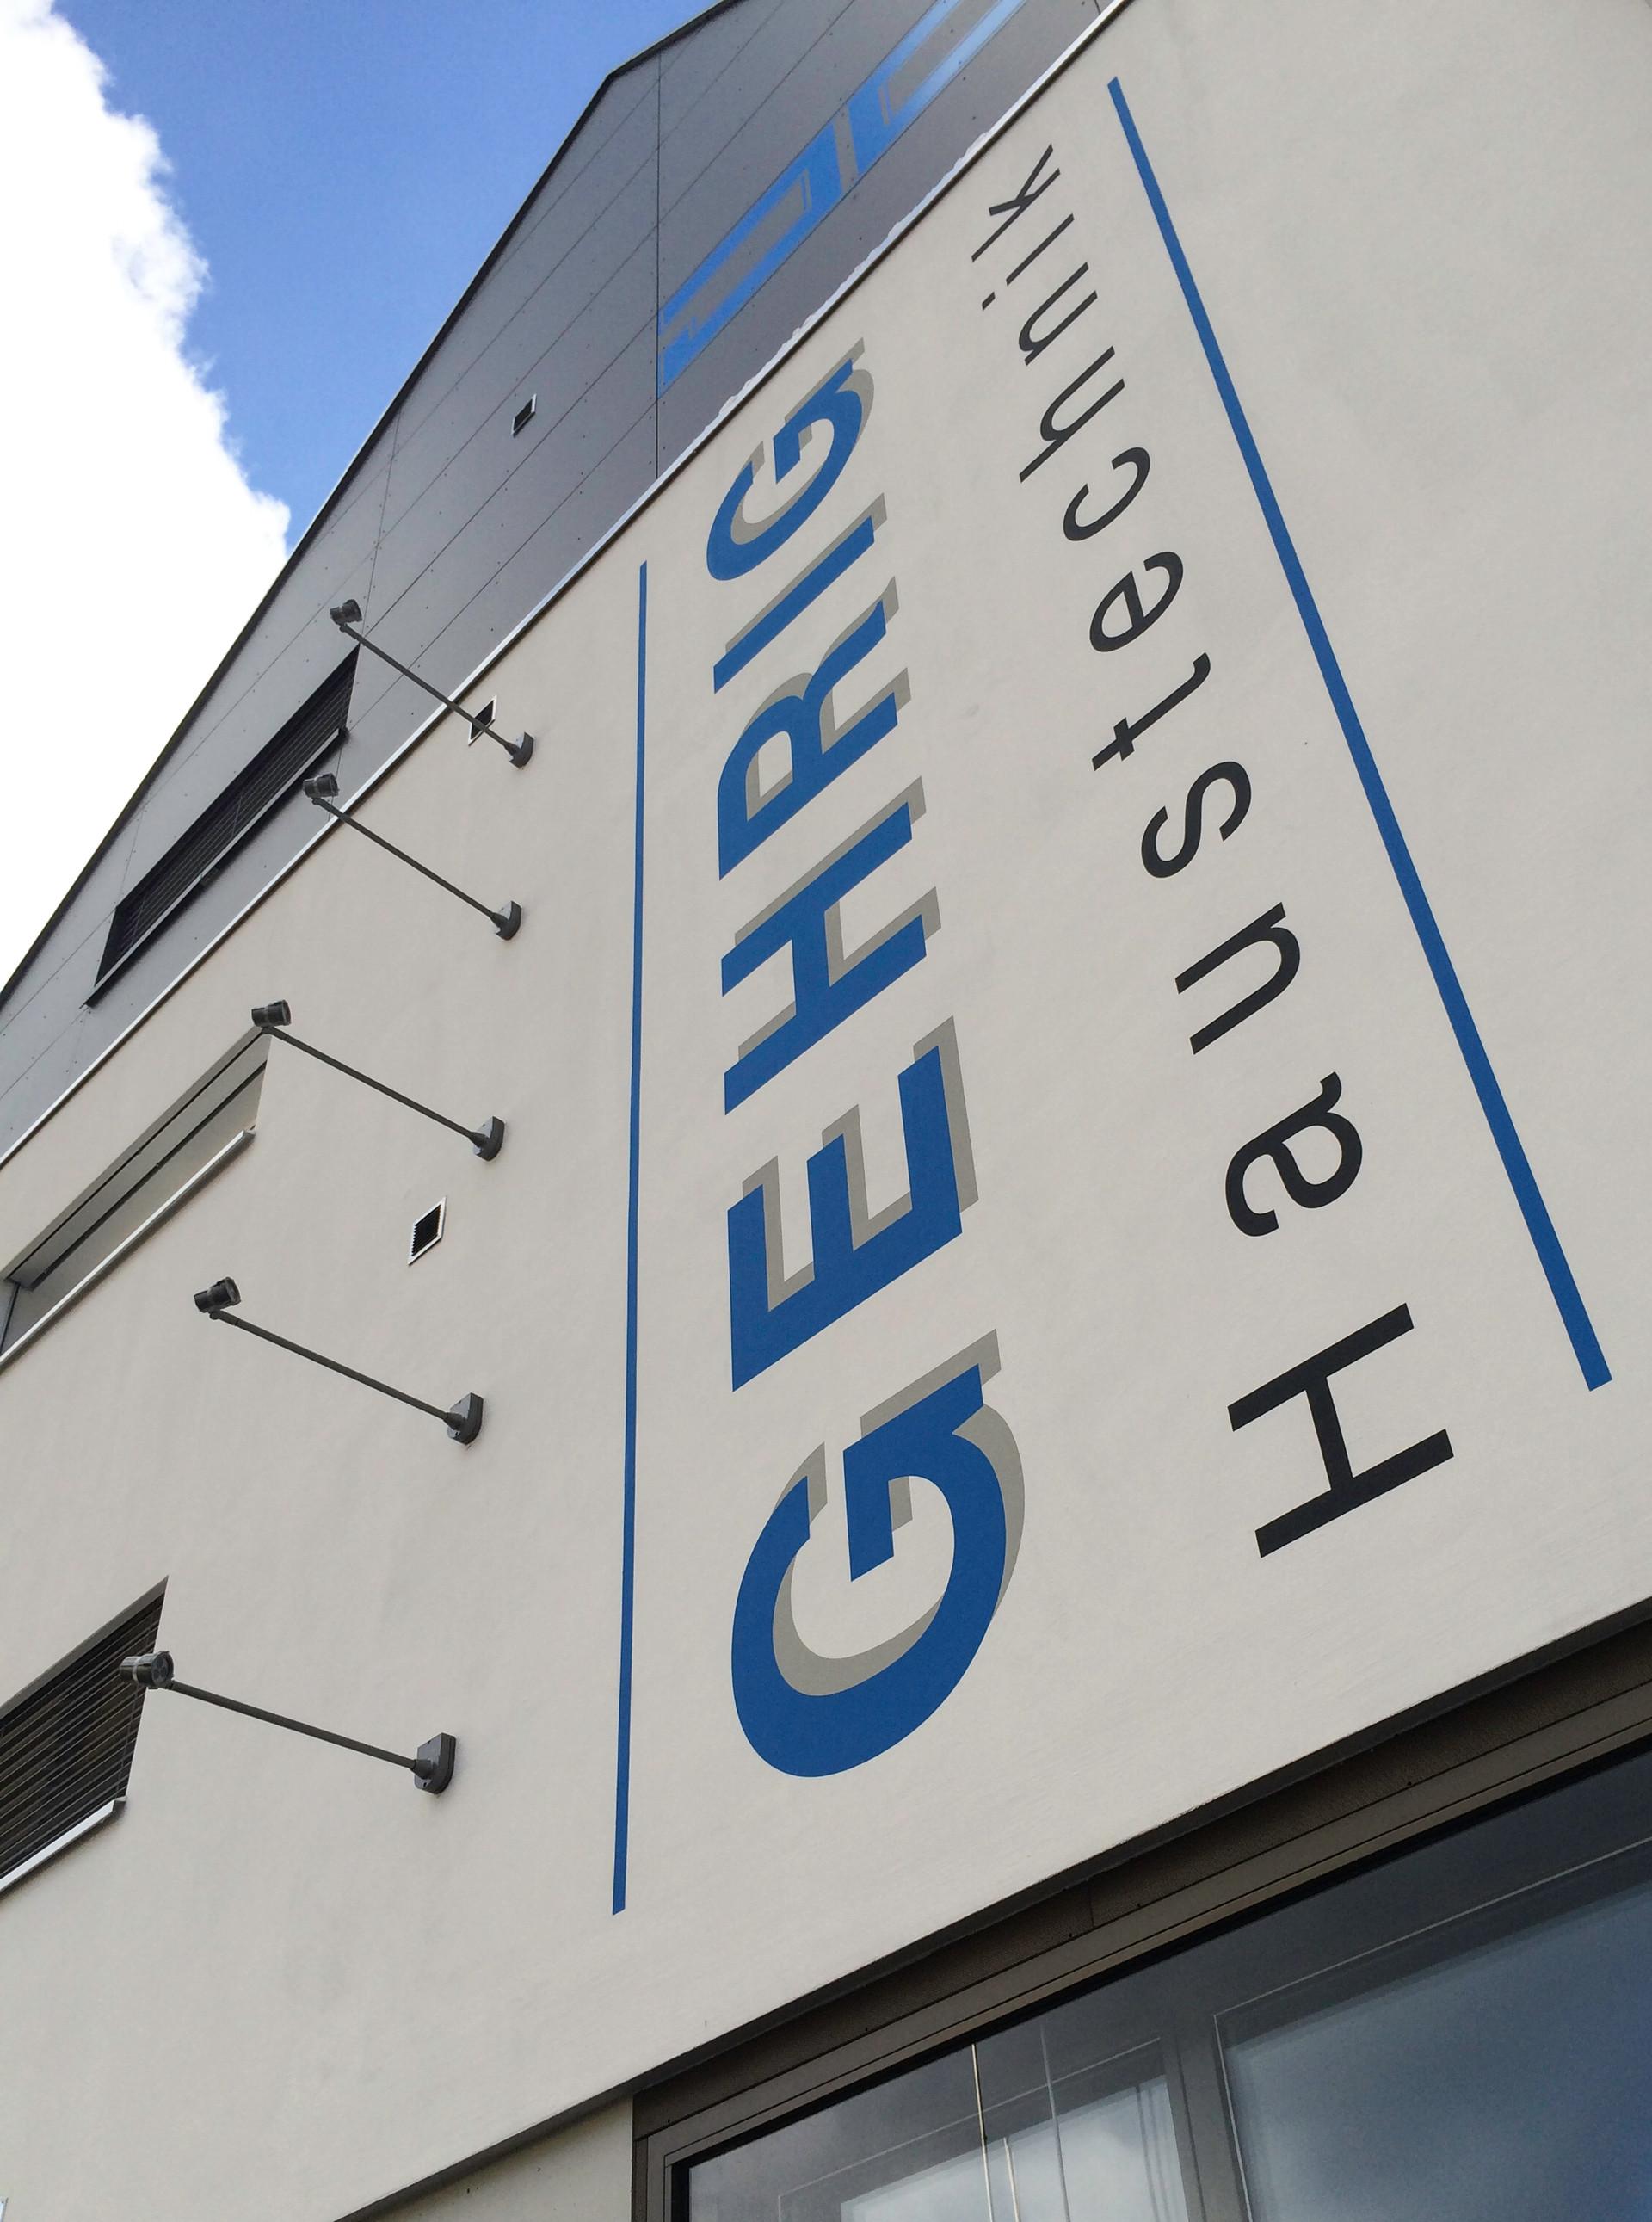 Fassadenbeschriftung Gehrig Haustechnik, Aarburg 2012